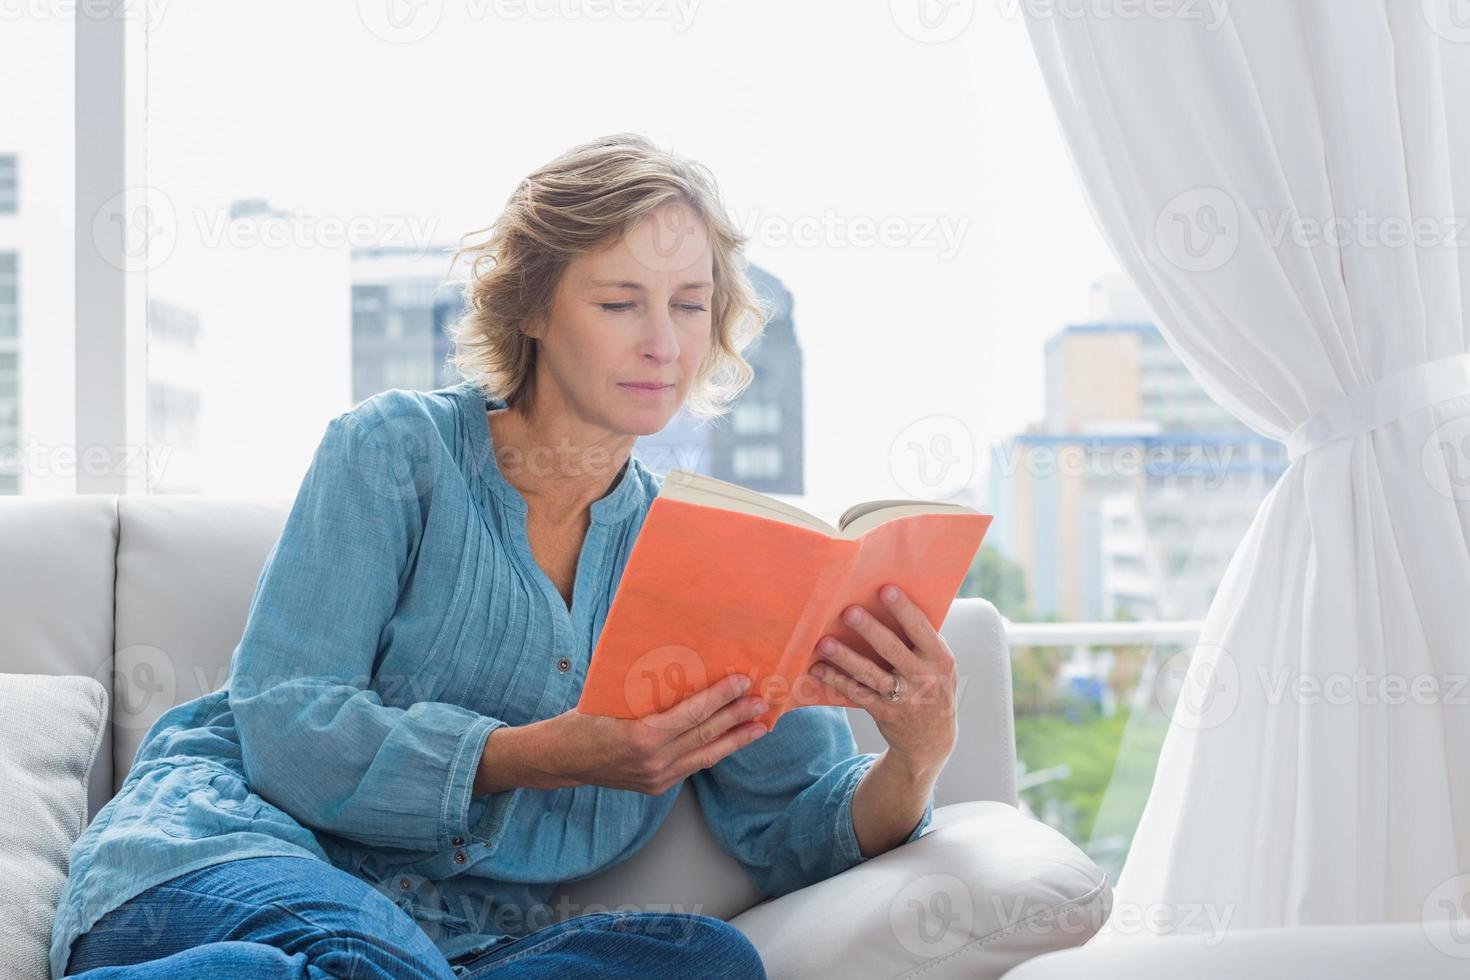 vrolijke blonde vrouw zittend op haar bank een boek te lezen foto